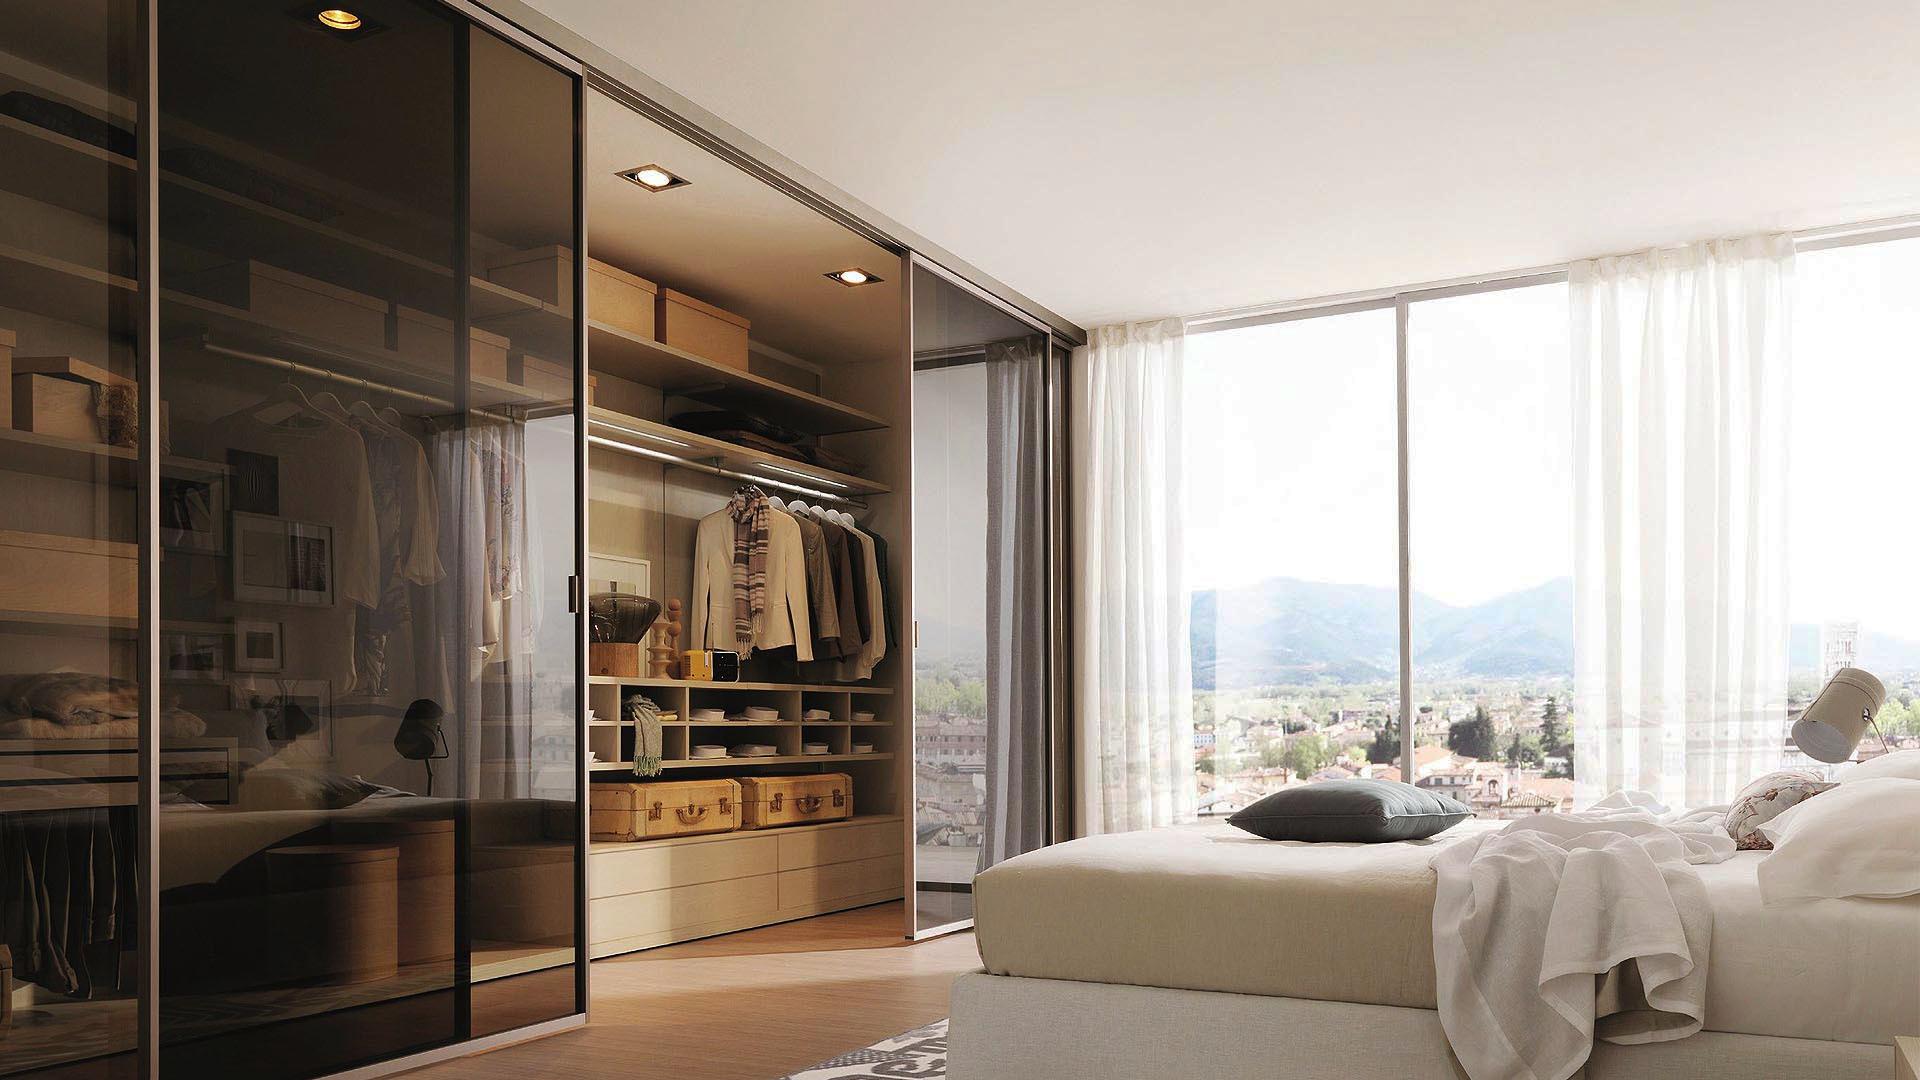 Дизайн спальни 15 кв м с гардеробной: подборка фото  Дизайн Спальни С Угловой Гардеробной